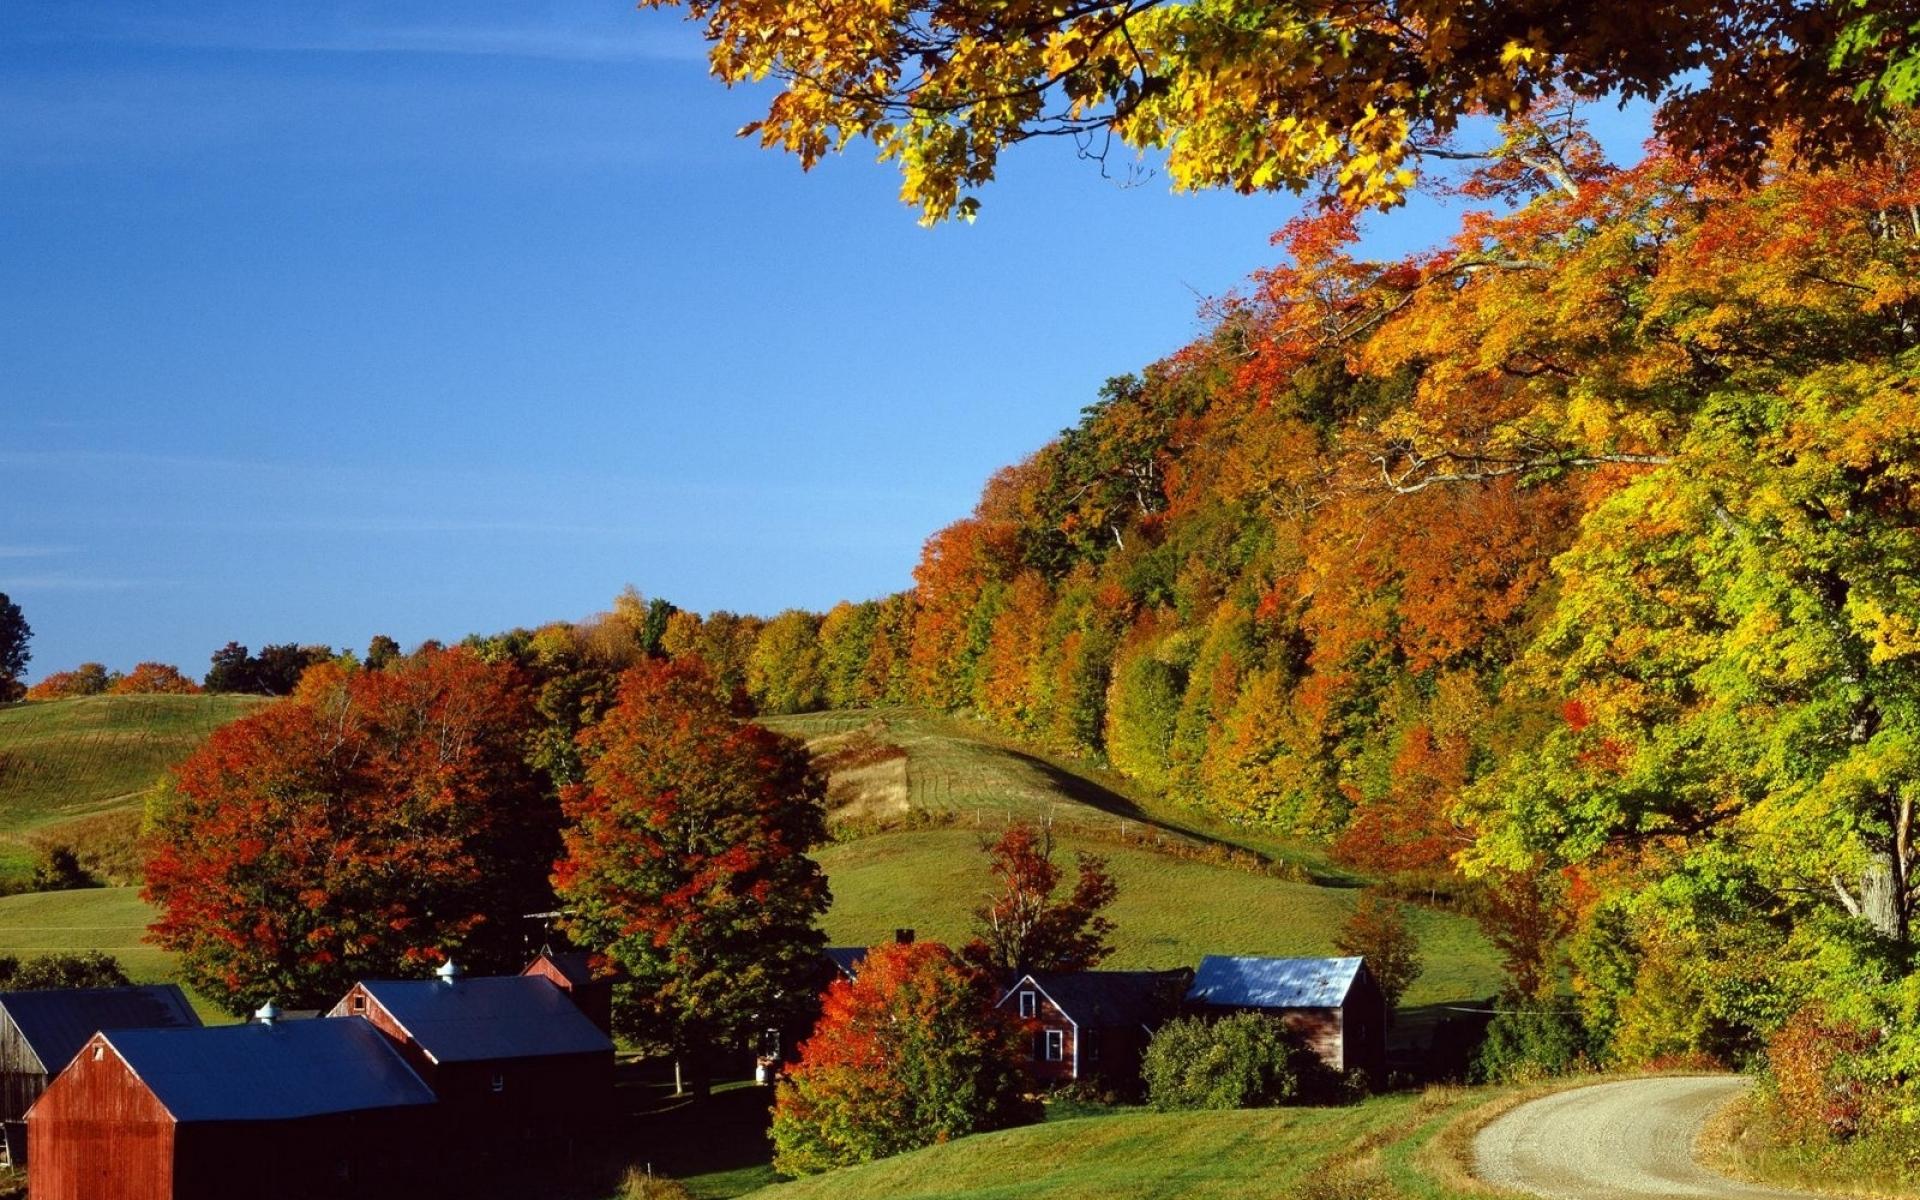 Картинки Деревня, осень, дома, деревья, луга фото и обои на рабочий стол